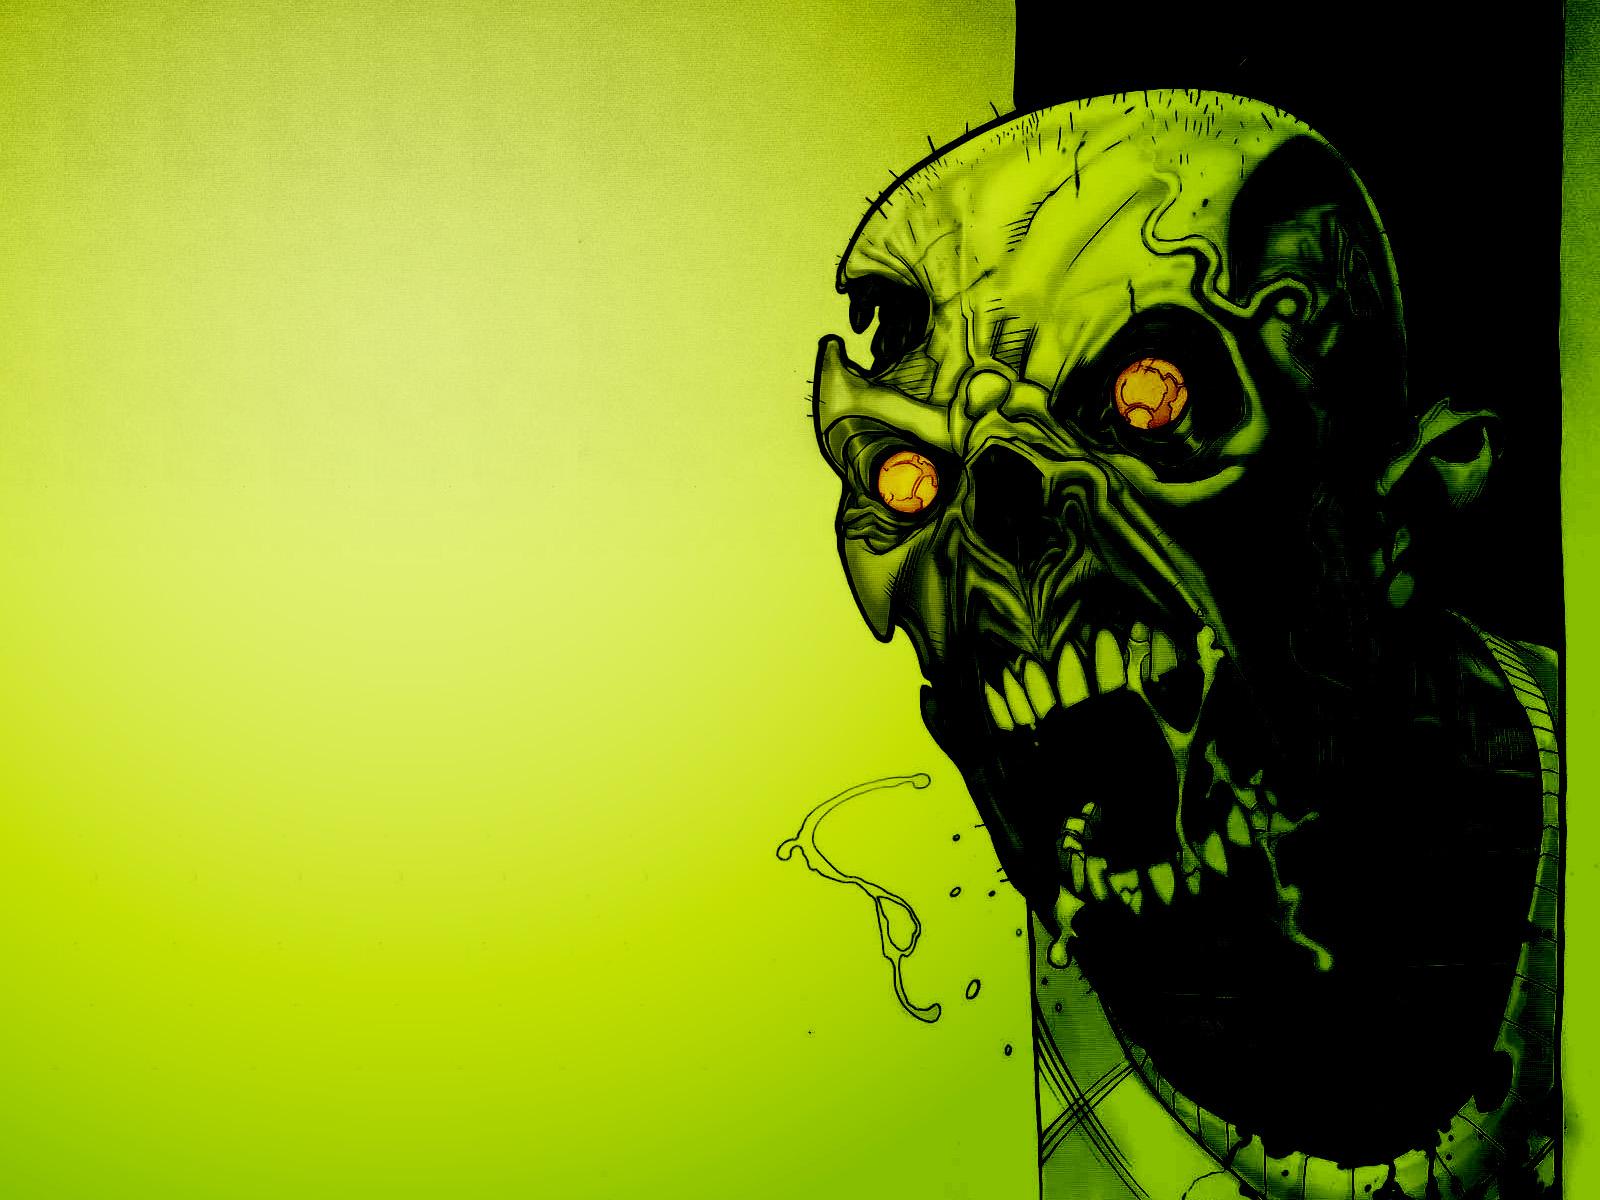 http://2.bp.blogspot.com/-7d50VVCmU9E/UC4zZ61C0sI/AAAAAAAAKLU/rae5IG13jF8/s1600/horror-wallpaper-mix.jpeg